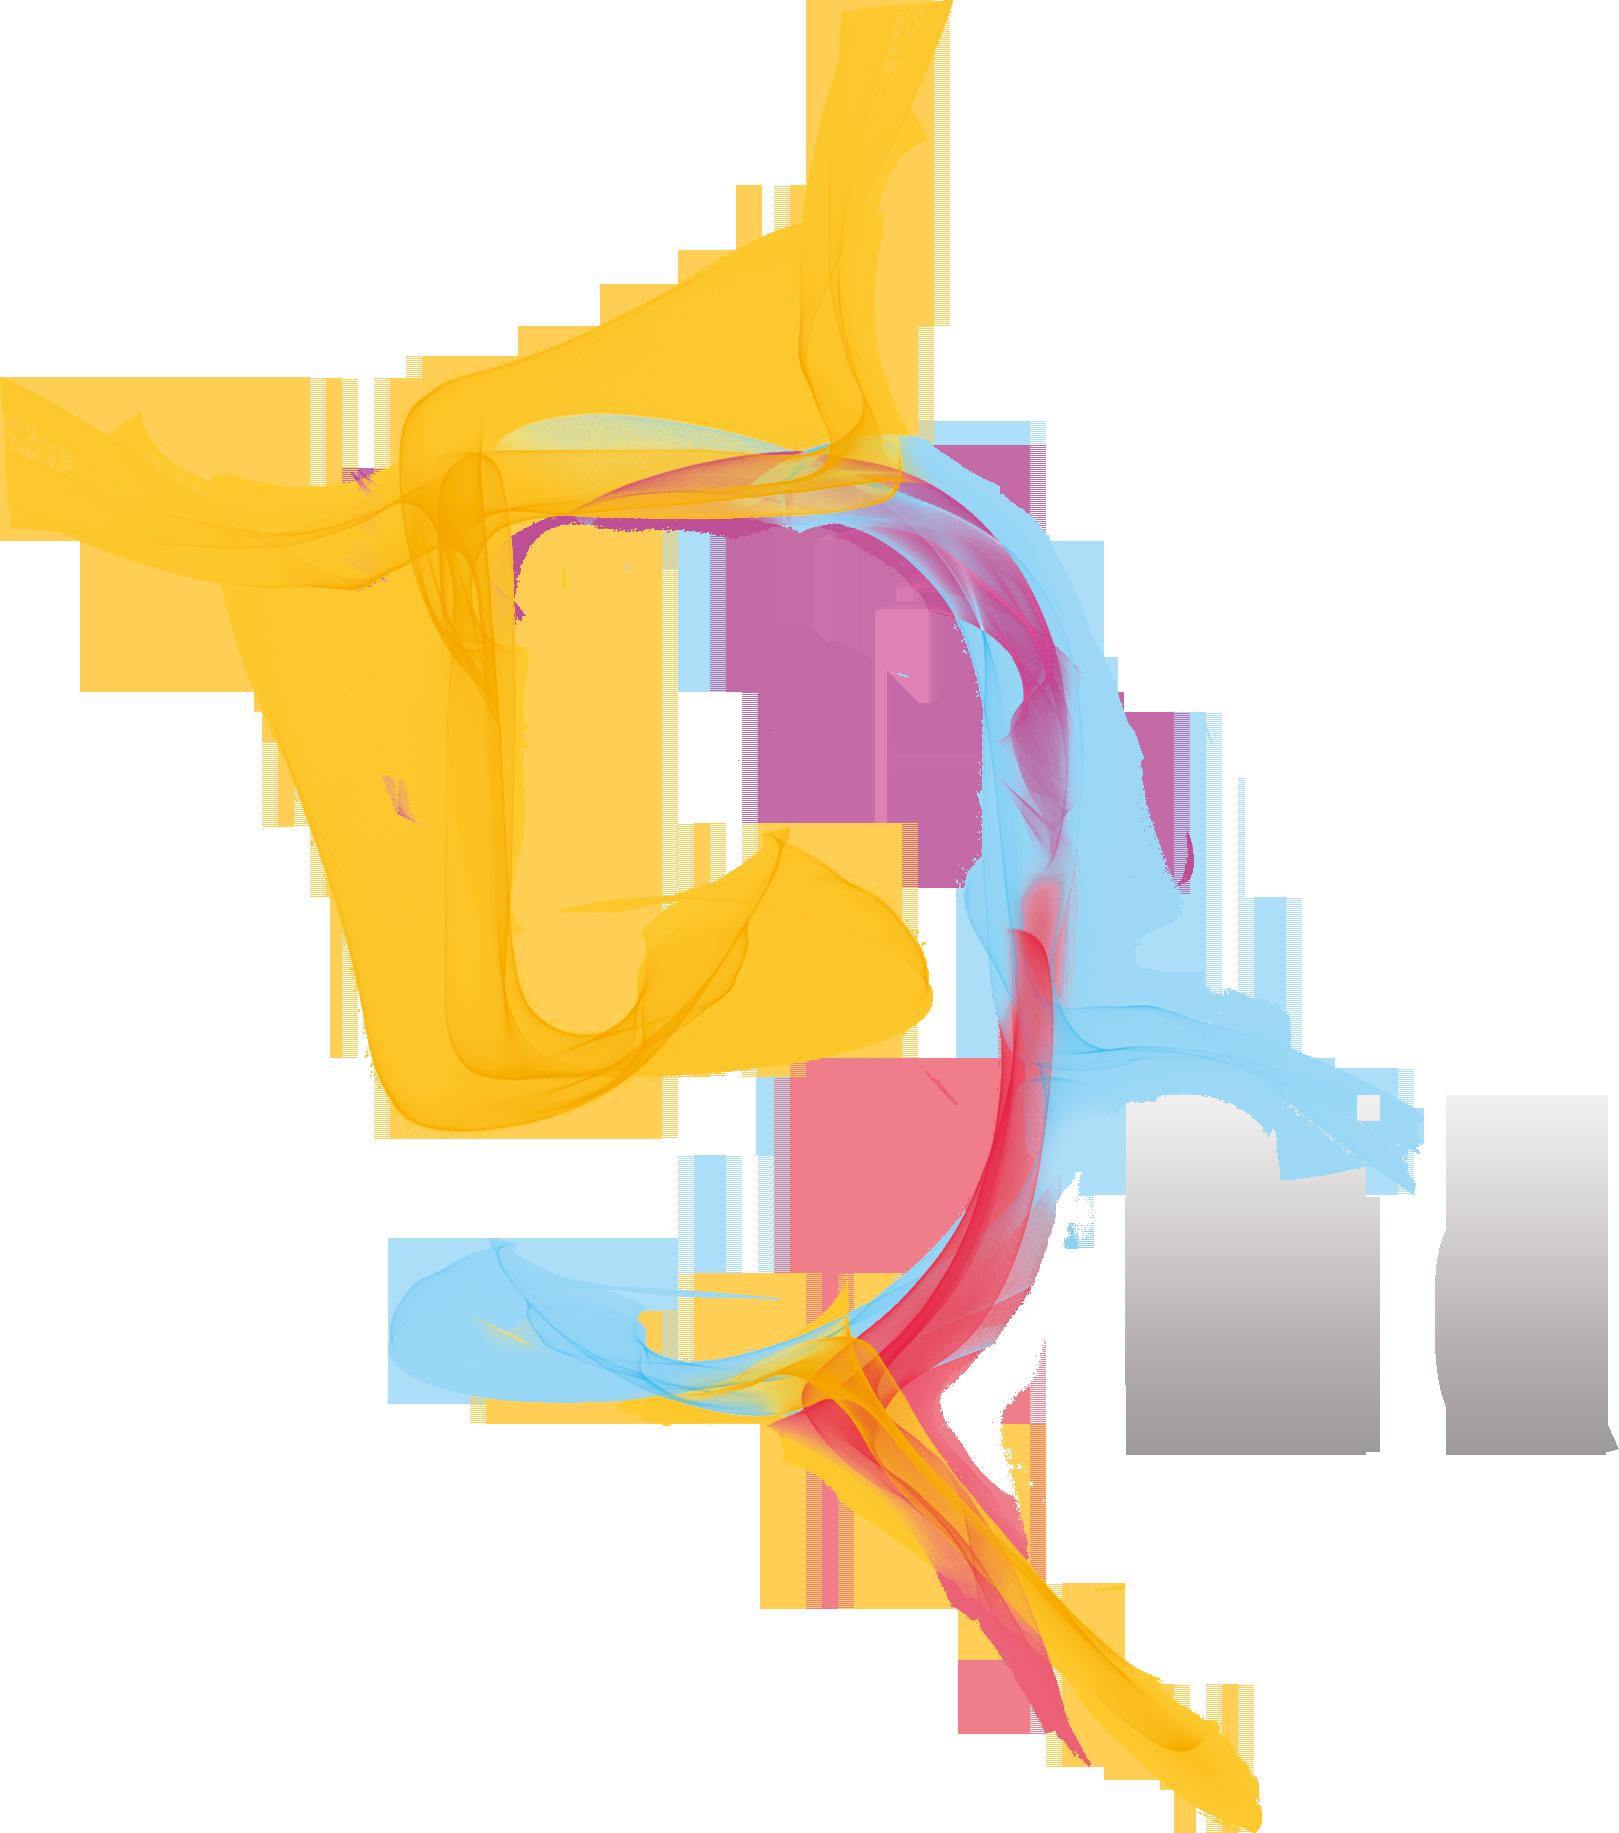 Dquid